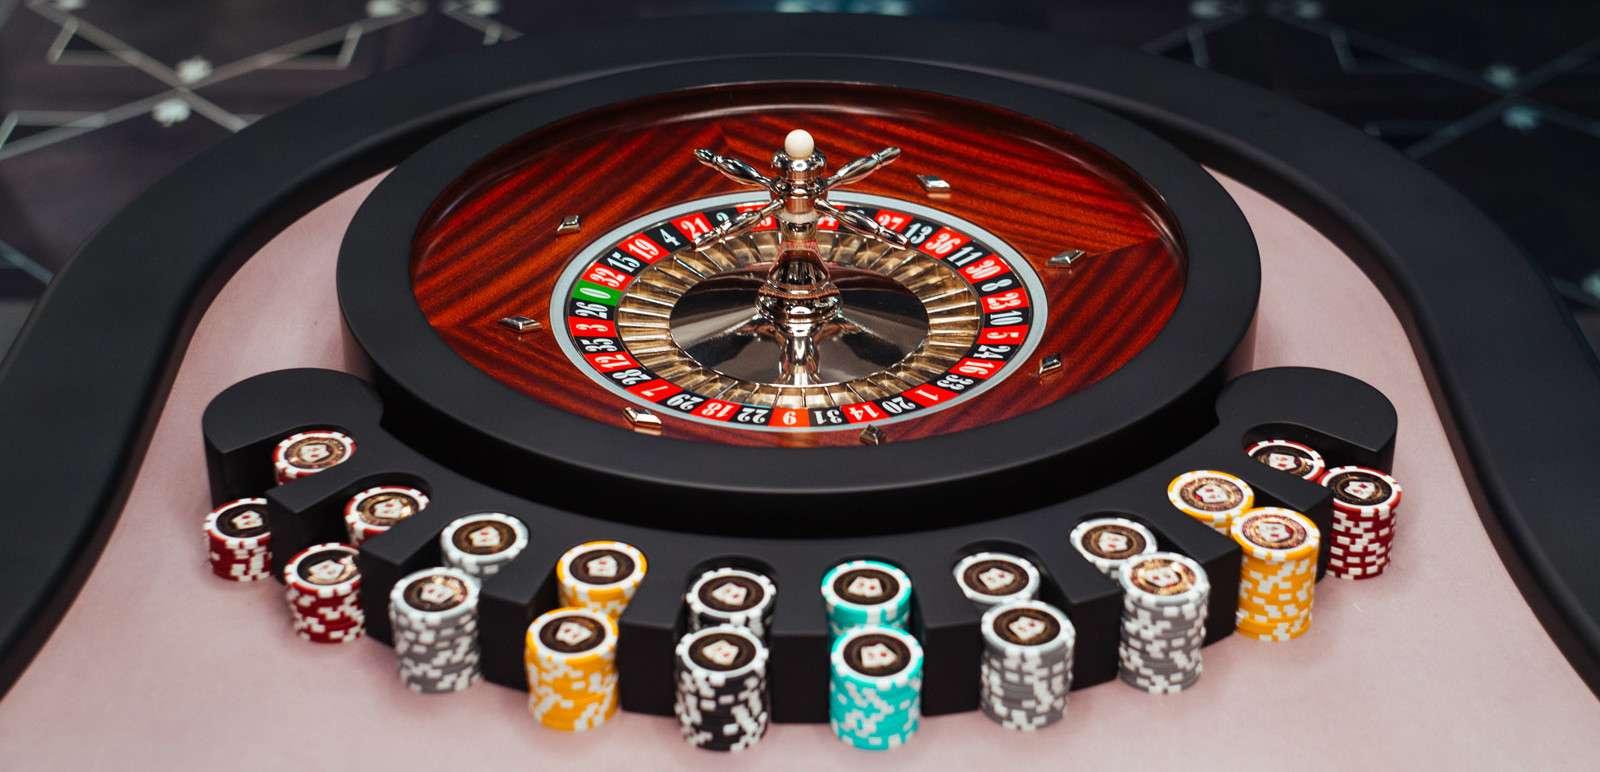 學會如何免費玩線上輪盤遊戲,並了解輪盤規則與技巧